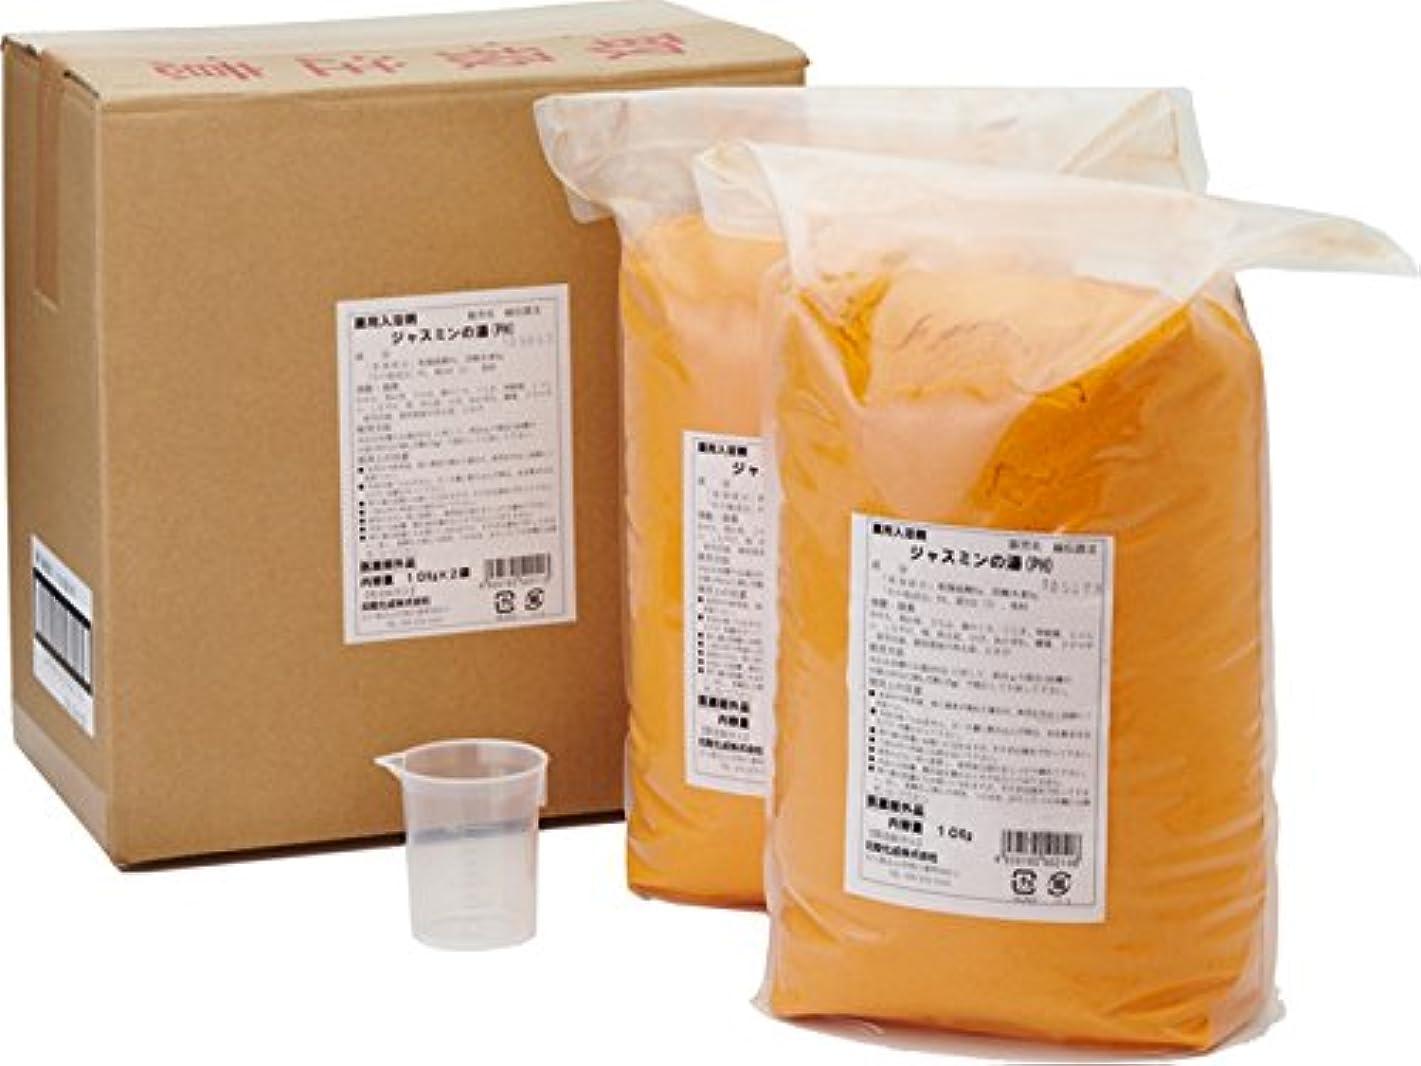 検出島サスティーン入浴剤 ジャスミンの湯 / 20kg(10kg×2) ケース